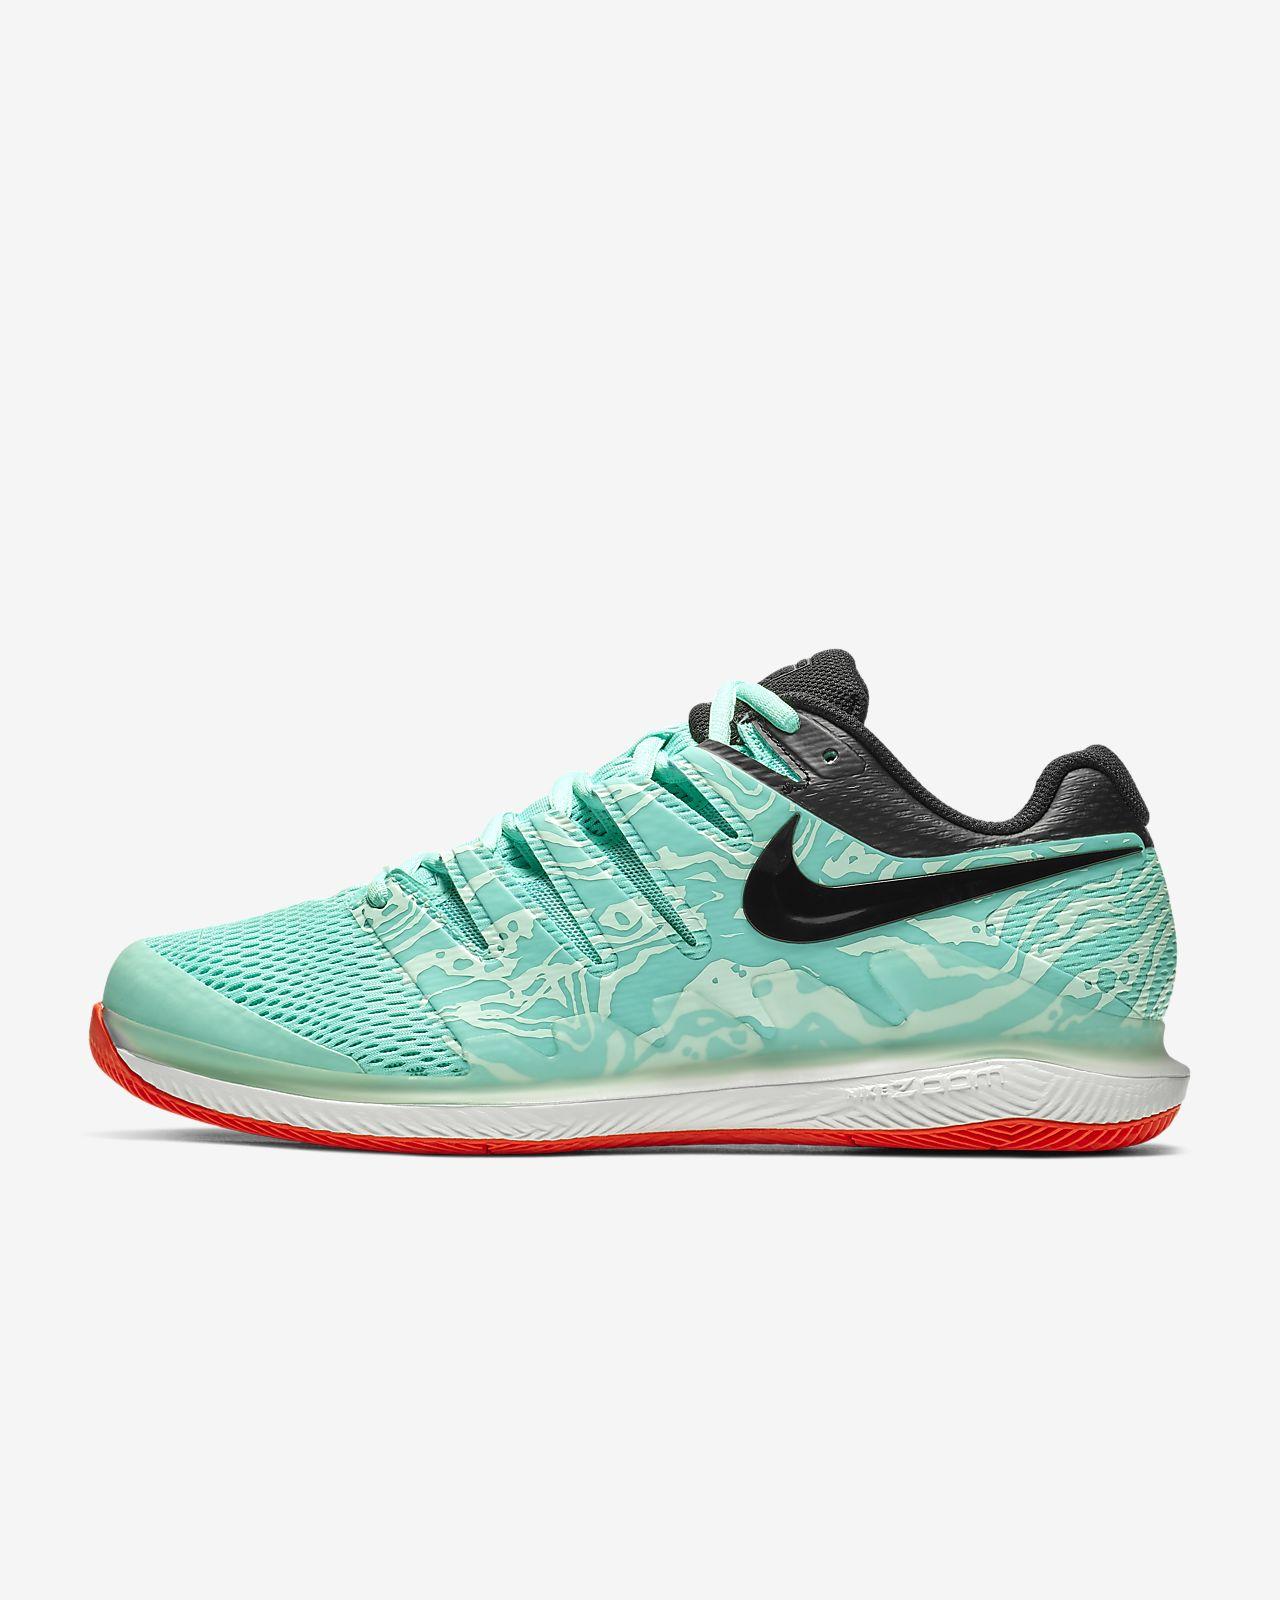 Sapatilhas de ténis para piso duro NikeCourt Air Zoom Vapor para homem 207263458a24c